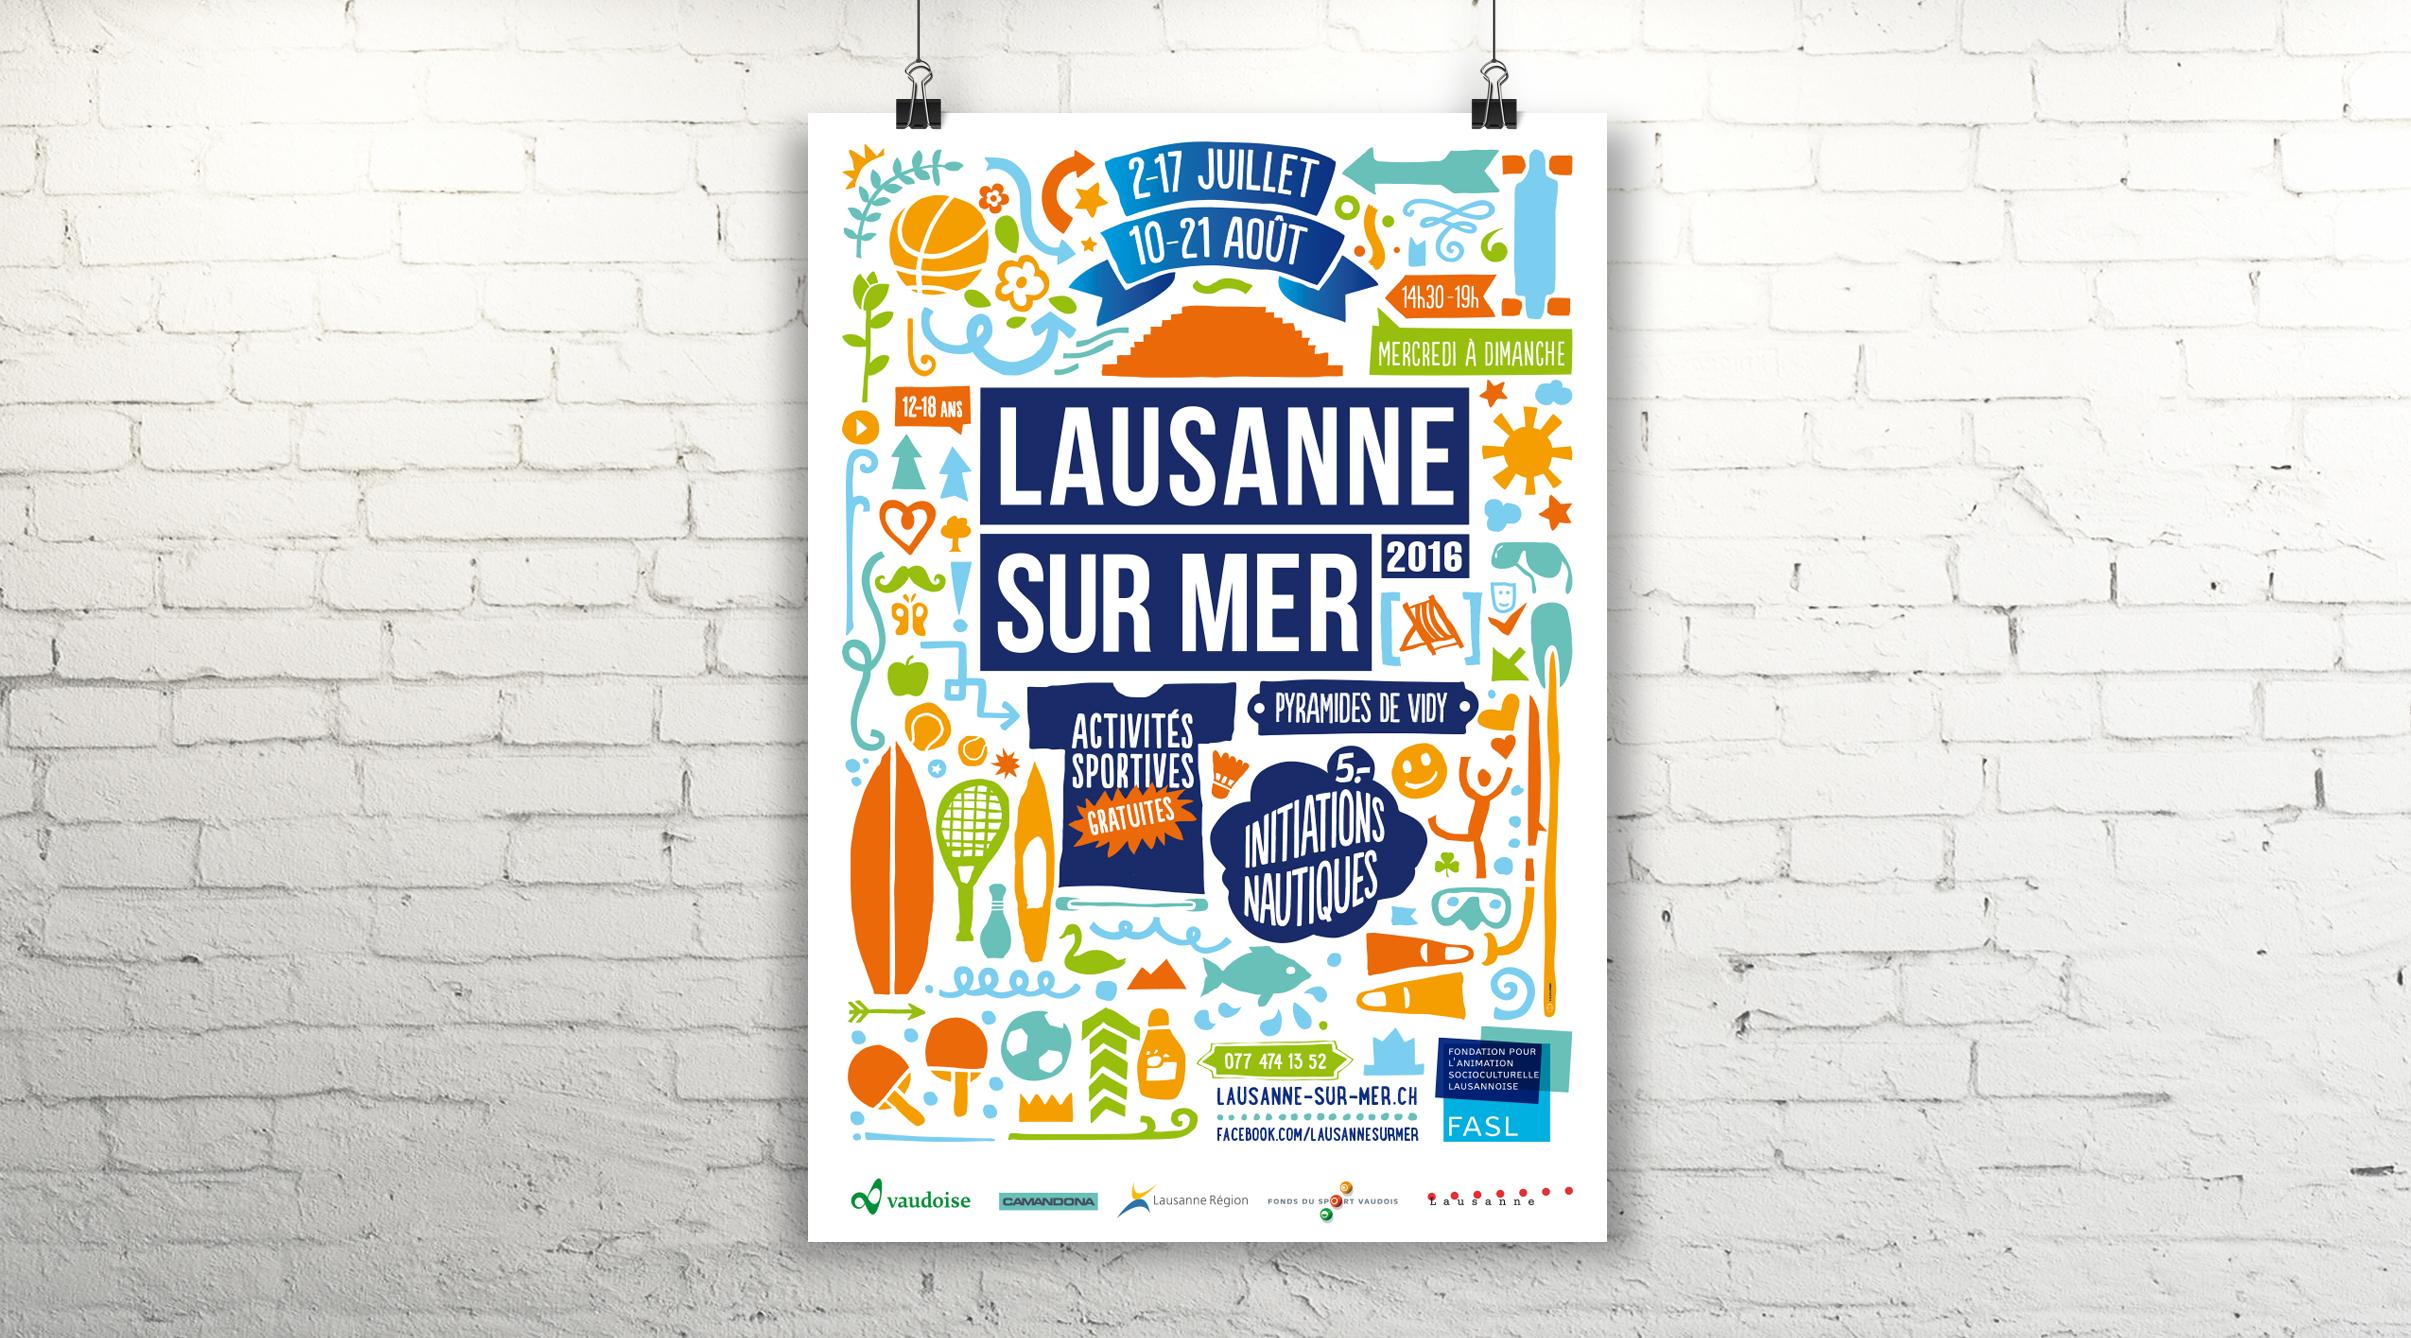 Lausanne-sur-Mer 2016